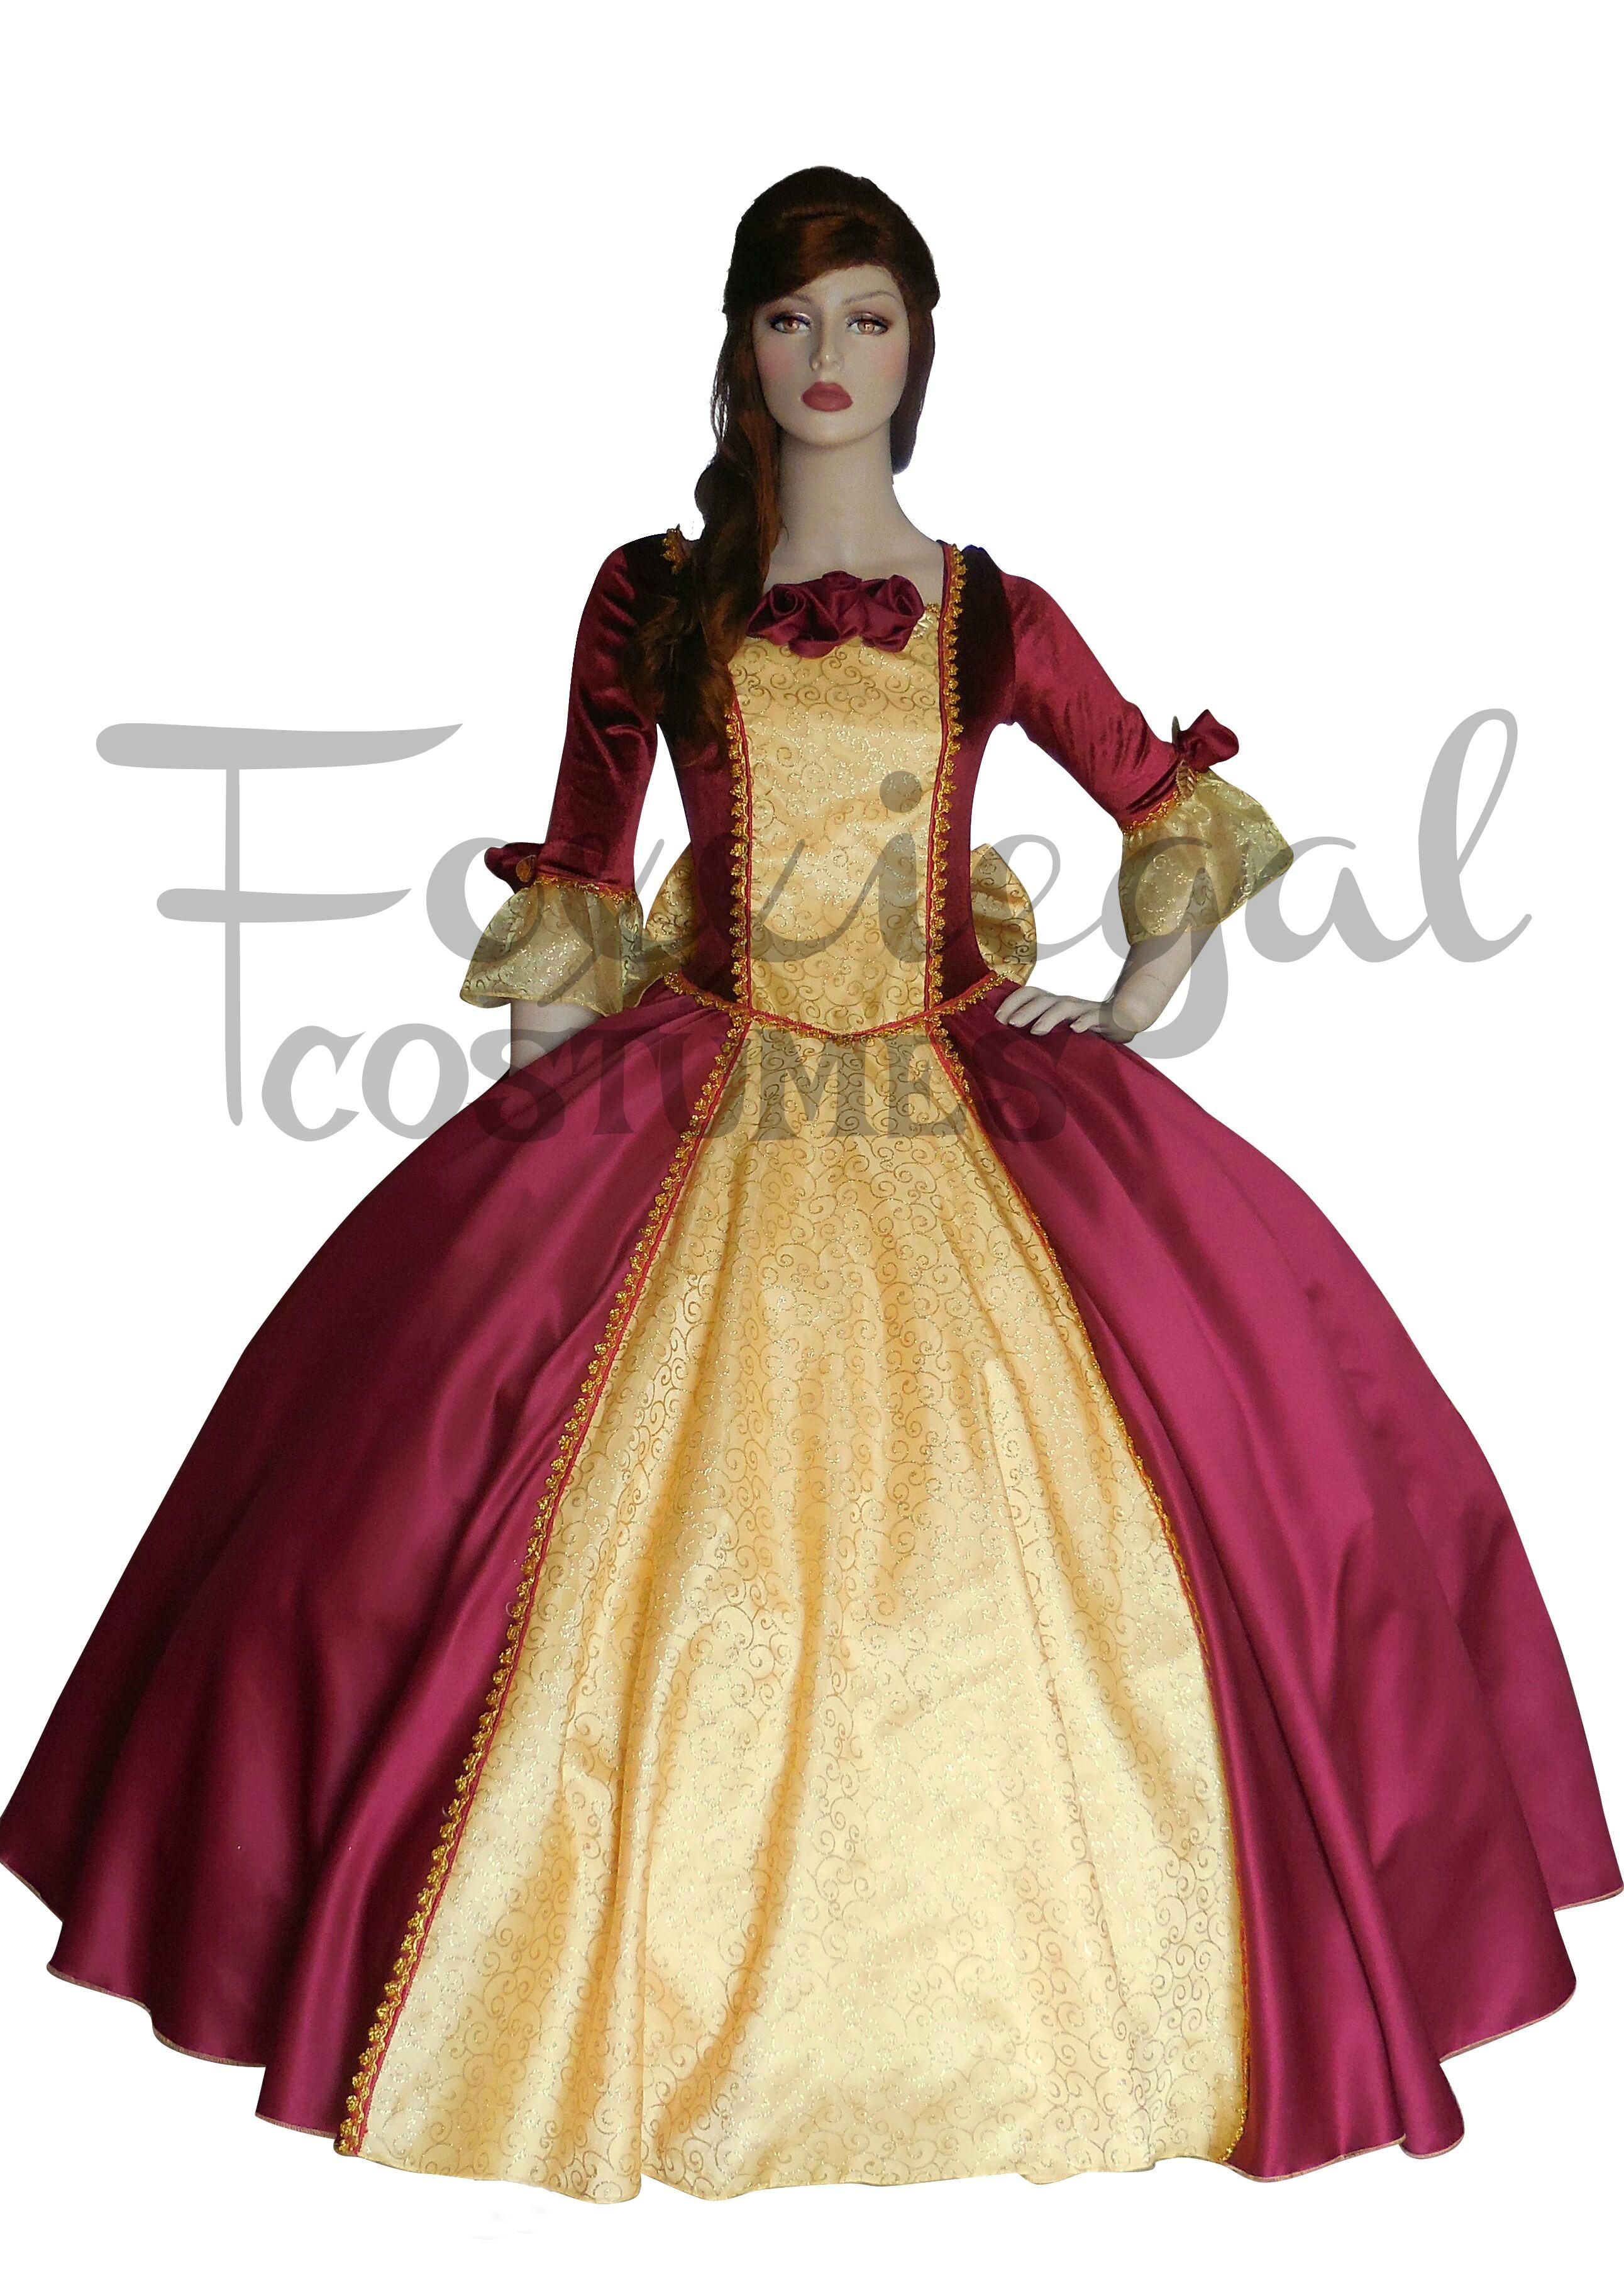 Christmas Princess.Christmas Princess Costume 20 22